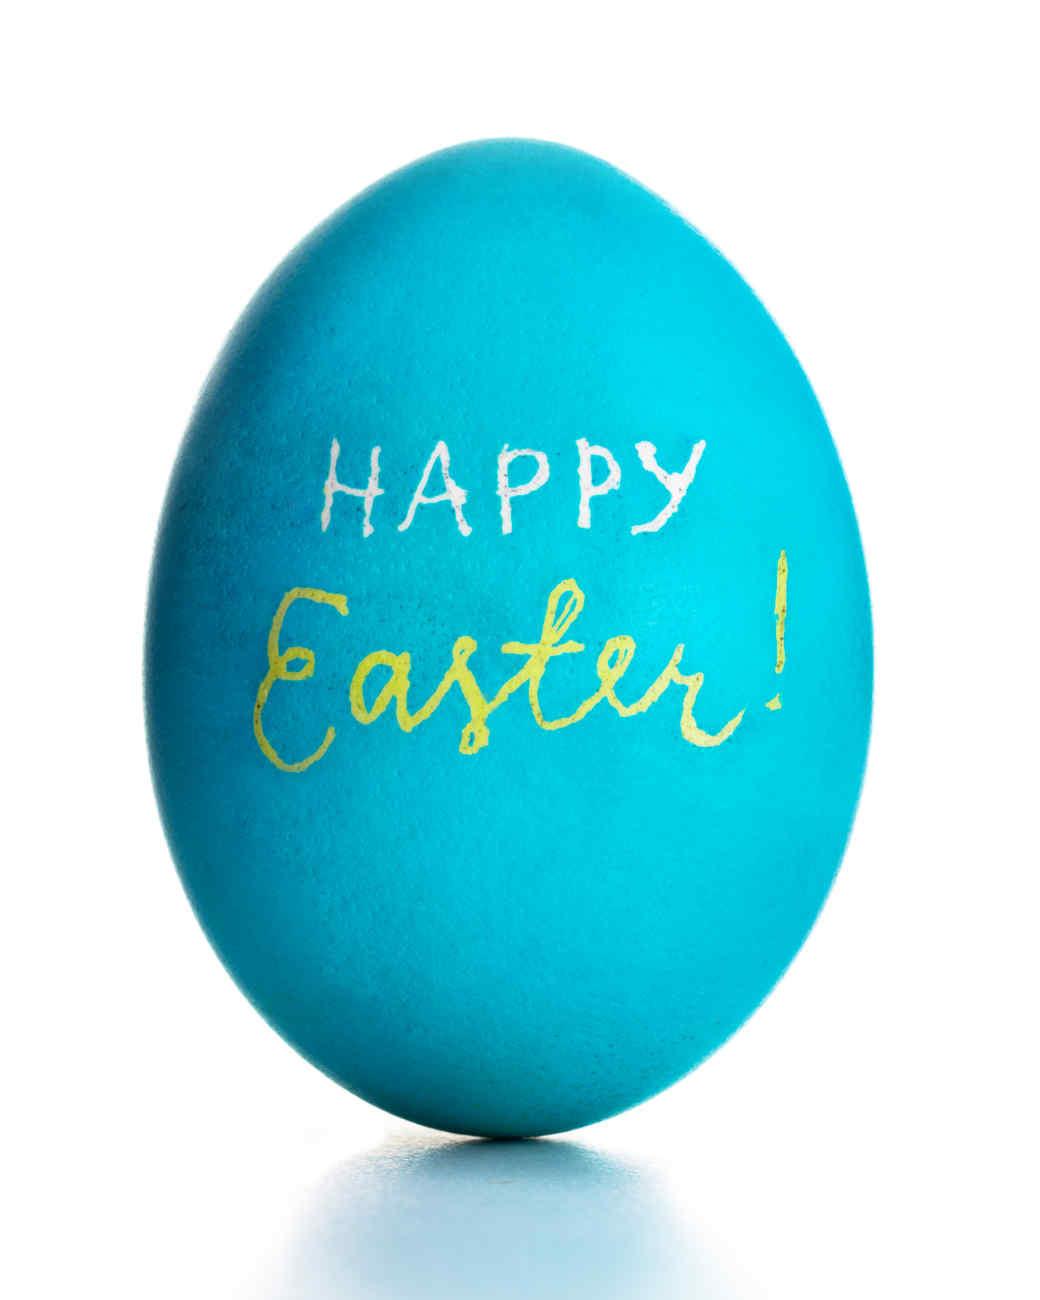 egg-dyeing-app-d107182-wax-resist-happy-easter0414.jpg